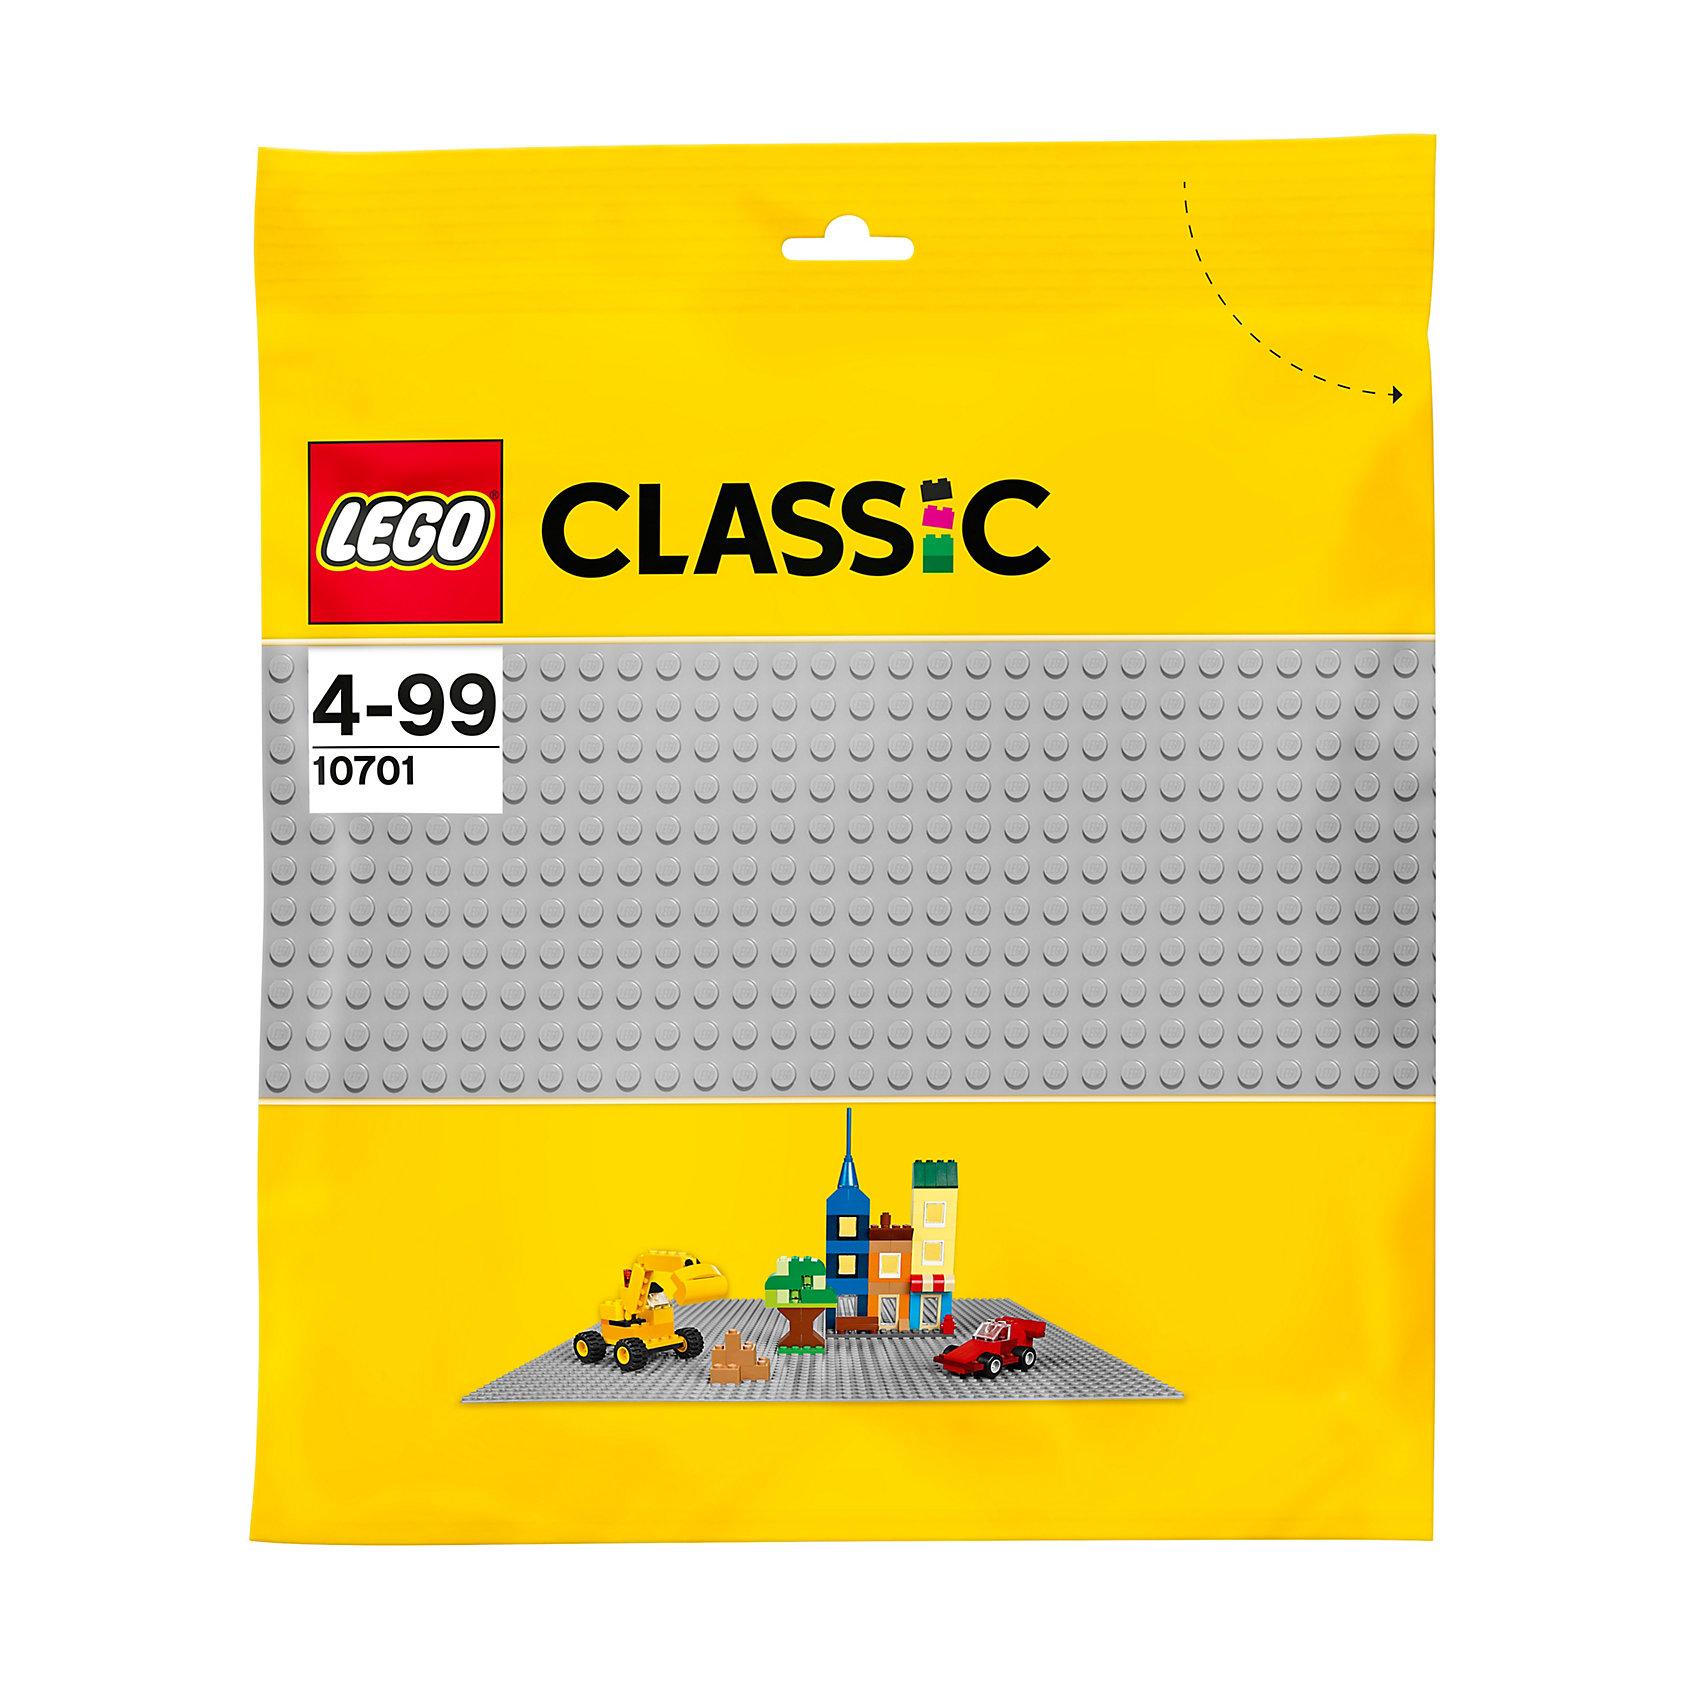 LEGO Classic 10701: Строительная пластина серого цветаПластмассовые конструкторы<br>Создаете ли Вы тротуар, дорогу или целый город с магазинами и кафе,  эта базовая пластина серого цвета — идеальная отправная точка для сборки, демонстрации ваших творений из LEGO (ЛЕГО) и игры с ними. Расширьте возможности Вашего конструктора, закрепив детали на строительной пластине. Серая строительная пластина отлично сочетается с пластинами других цветов, на ней интересно расставлять цветные акценты. Создавайте гоночные трассы, городские улицы, средневековые замки или все, что подскажет Ваша фантазия!<br><br>Дополнительная информация:<br><br>- Отличная основа для строительства городов;<br>- Подходит для всех стандартных наборов LEGO (ЛЕГО);<br>- Материал: пластик;<br>- Цвет: серый;<br>- Размер пластины: 38 х 38 см;<br>- Размер упаковки: 38 х 43 см;<br>- Вес: 100 г<br><br>LEGO Classics (ЛЕГО Классика) 10701: Строительную пластину серого цвета можно купить в нашем магазине.<br><br>Ширина мм: 393<br>Глубина мм: 382<br>Высота мм: 11<br>Вес г: 234<br>Возраст от месяцев: 48<br>Возраст до месяцев: 144<br>Пол: Унисекс<br>Возраст: Детский<br>SKU: 3786102